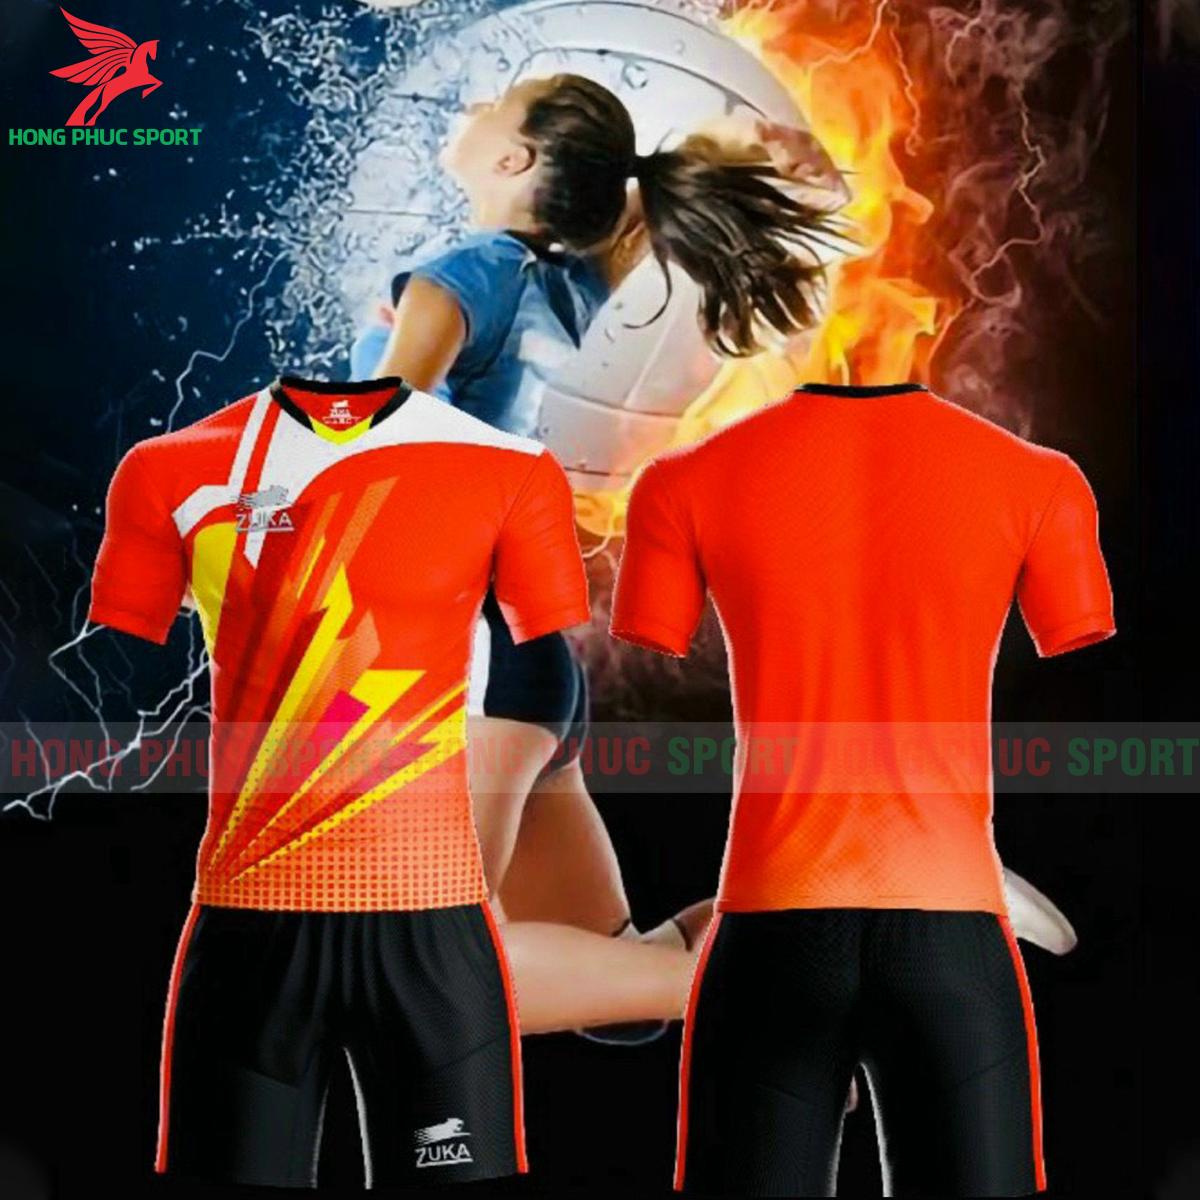 Quần áo bóng chuyền Zuka - 01 2021màu đỏ